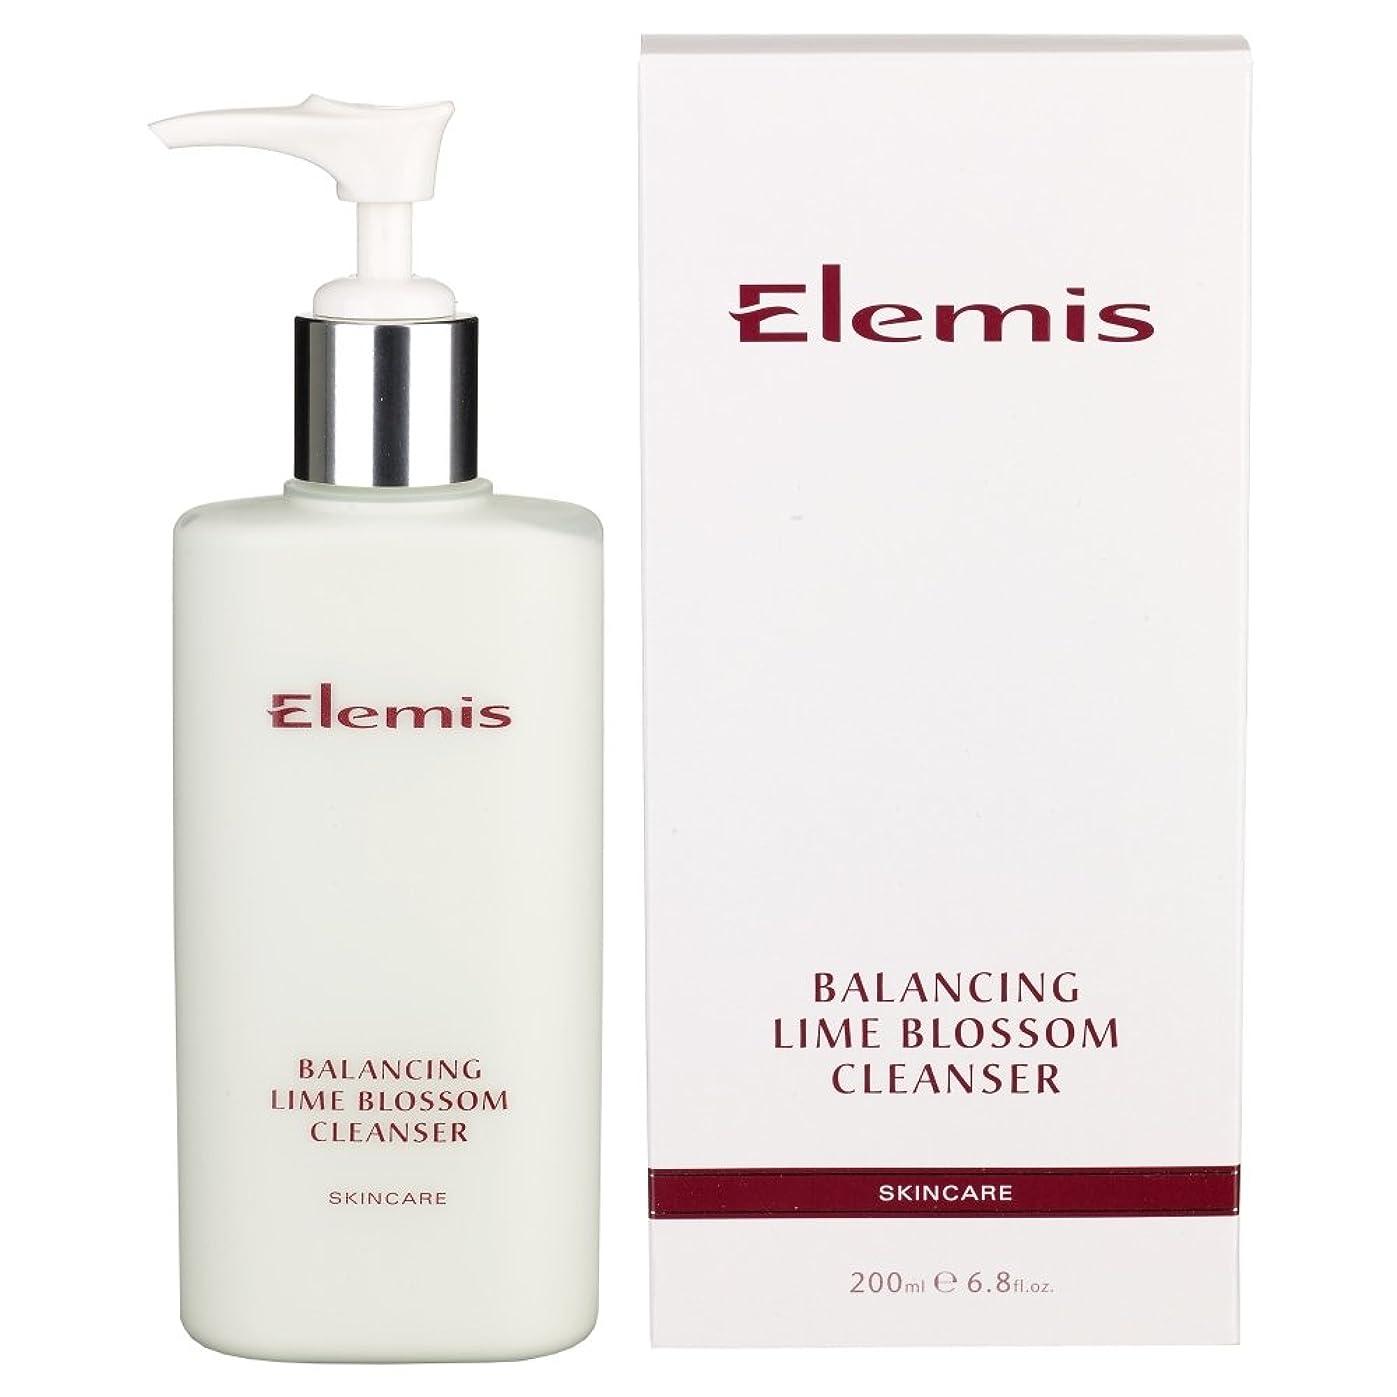 配分ミュウミュウ上昇ライムブロッサムクレンザーのバランスをとります (Elemis) (x2) - Balancing Lime Blossom Cleanser (Pack of 2) [並行輸入品]